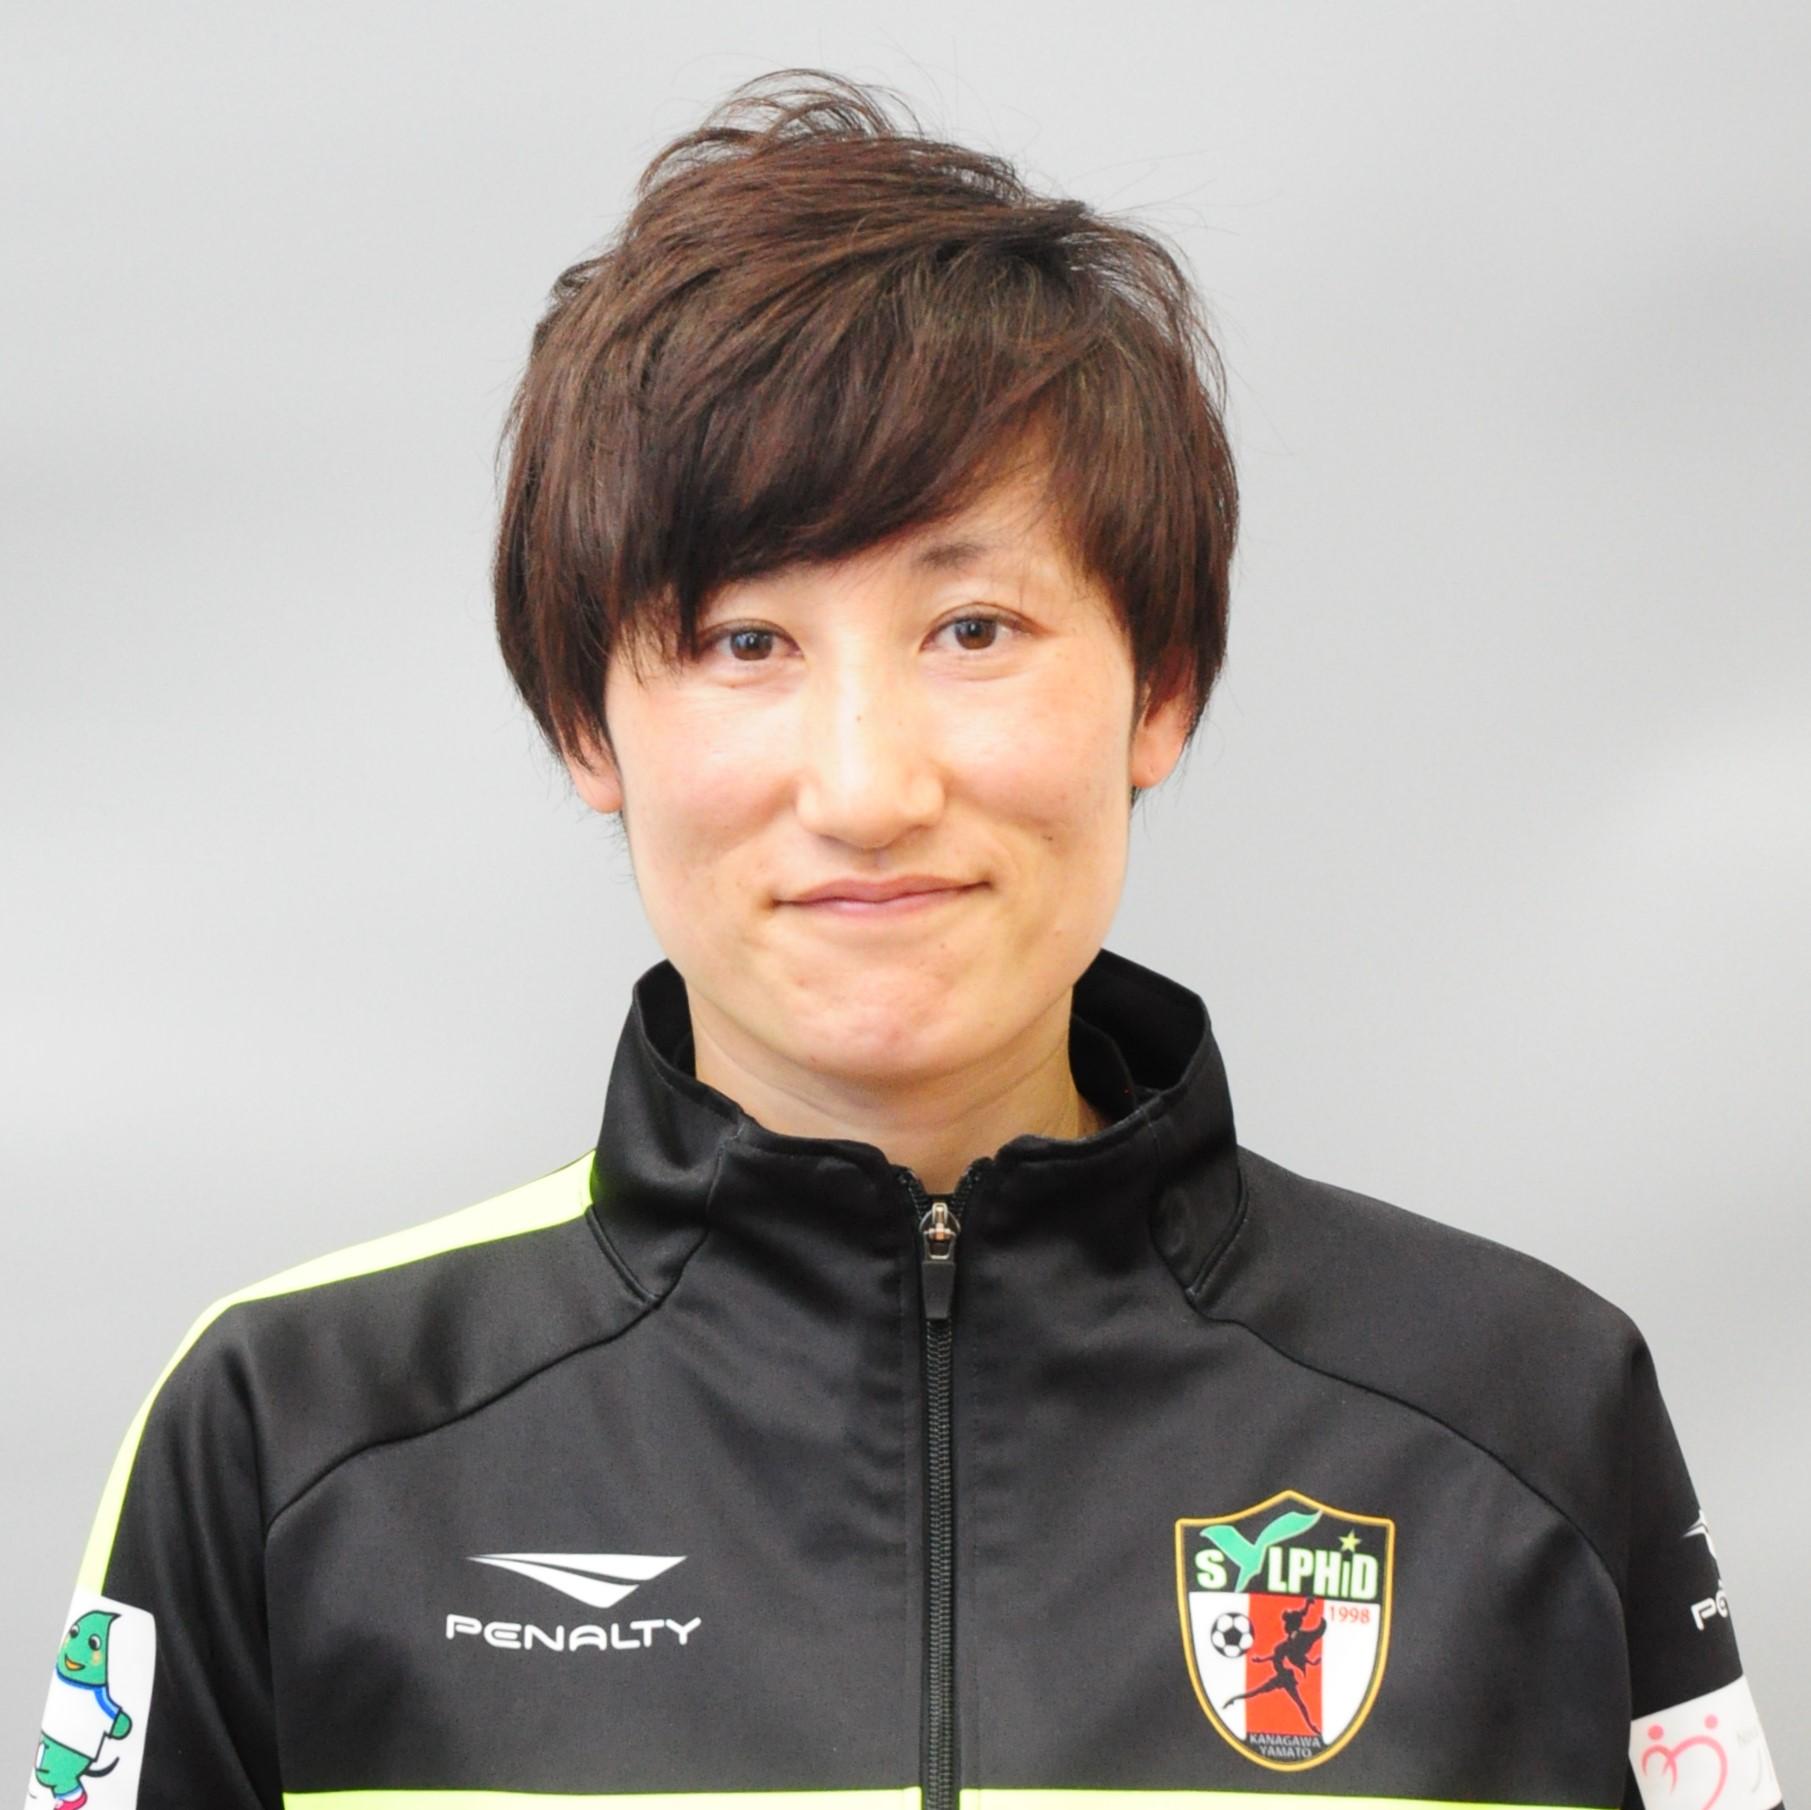 【大和シルフィード】2021シーズン トップチーム始動のお知らせ